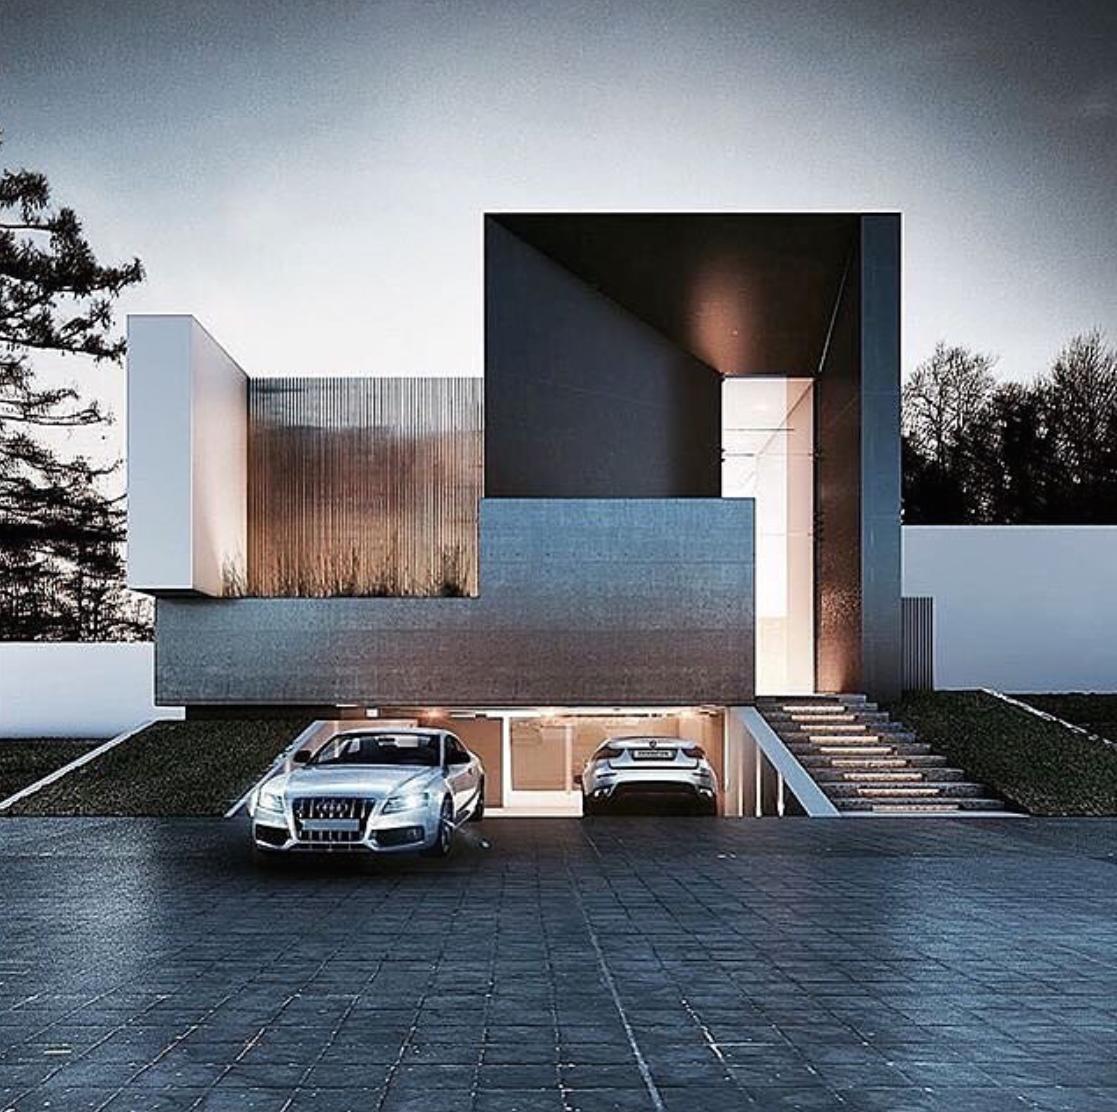 Garage modern  Image result for modern subterranean house garage entrance | ♧Homie ...